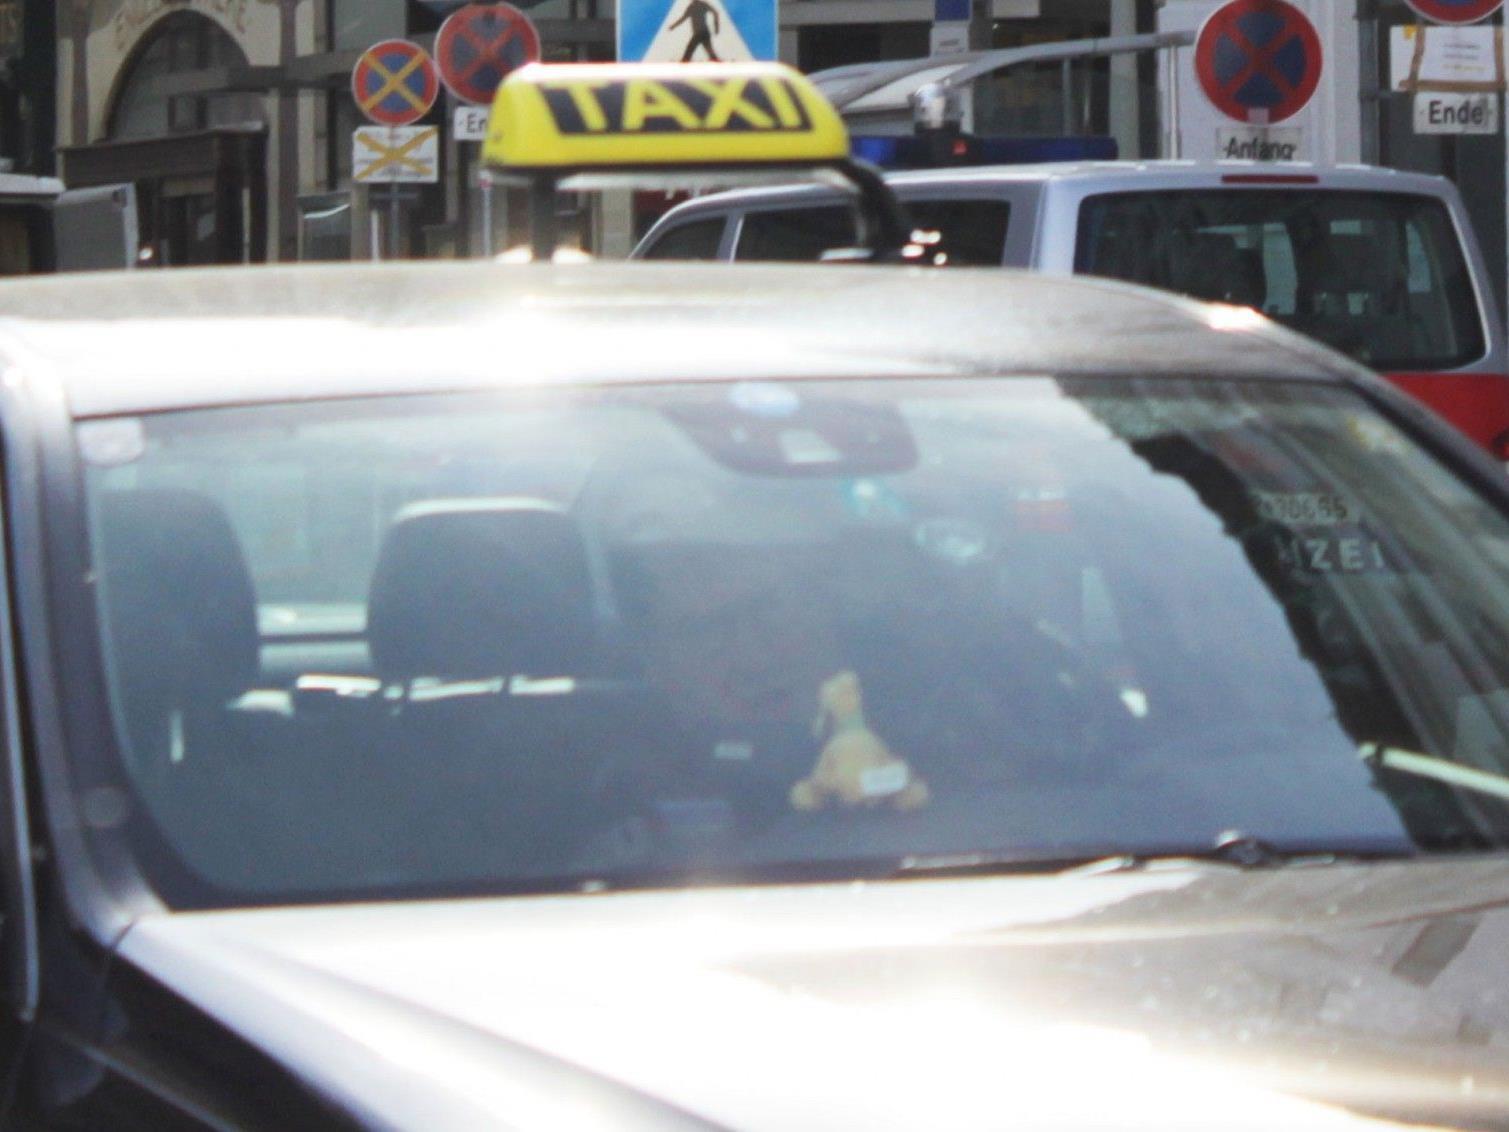 Taxilenker und Fahrgast haben den Vorfall unterschiedlich geschildert.